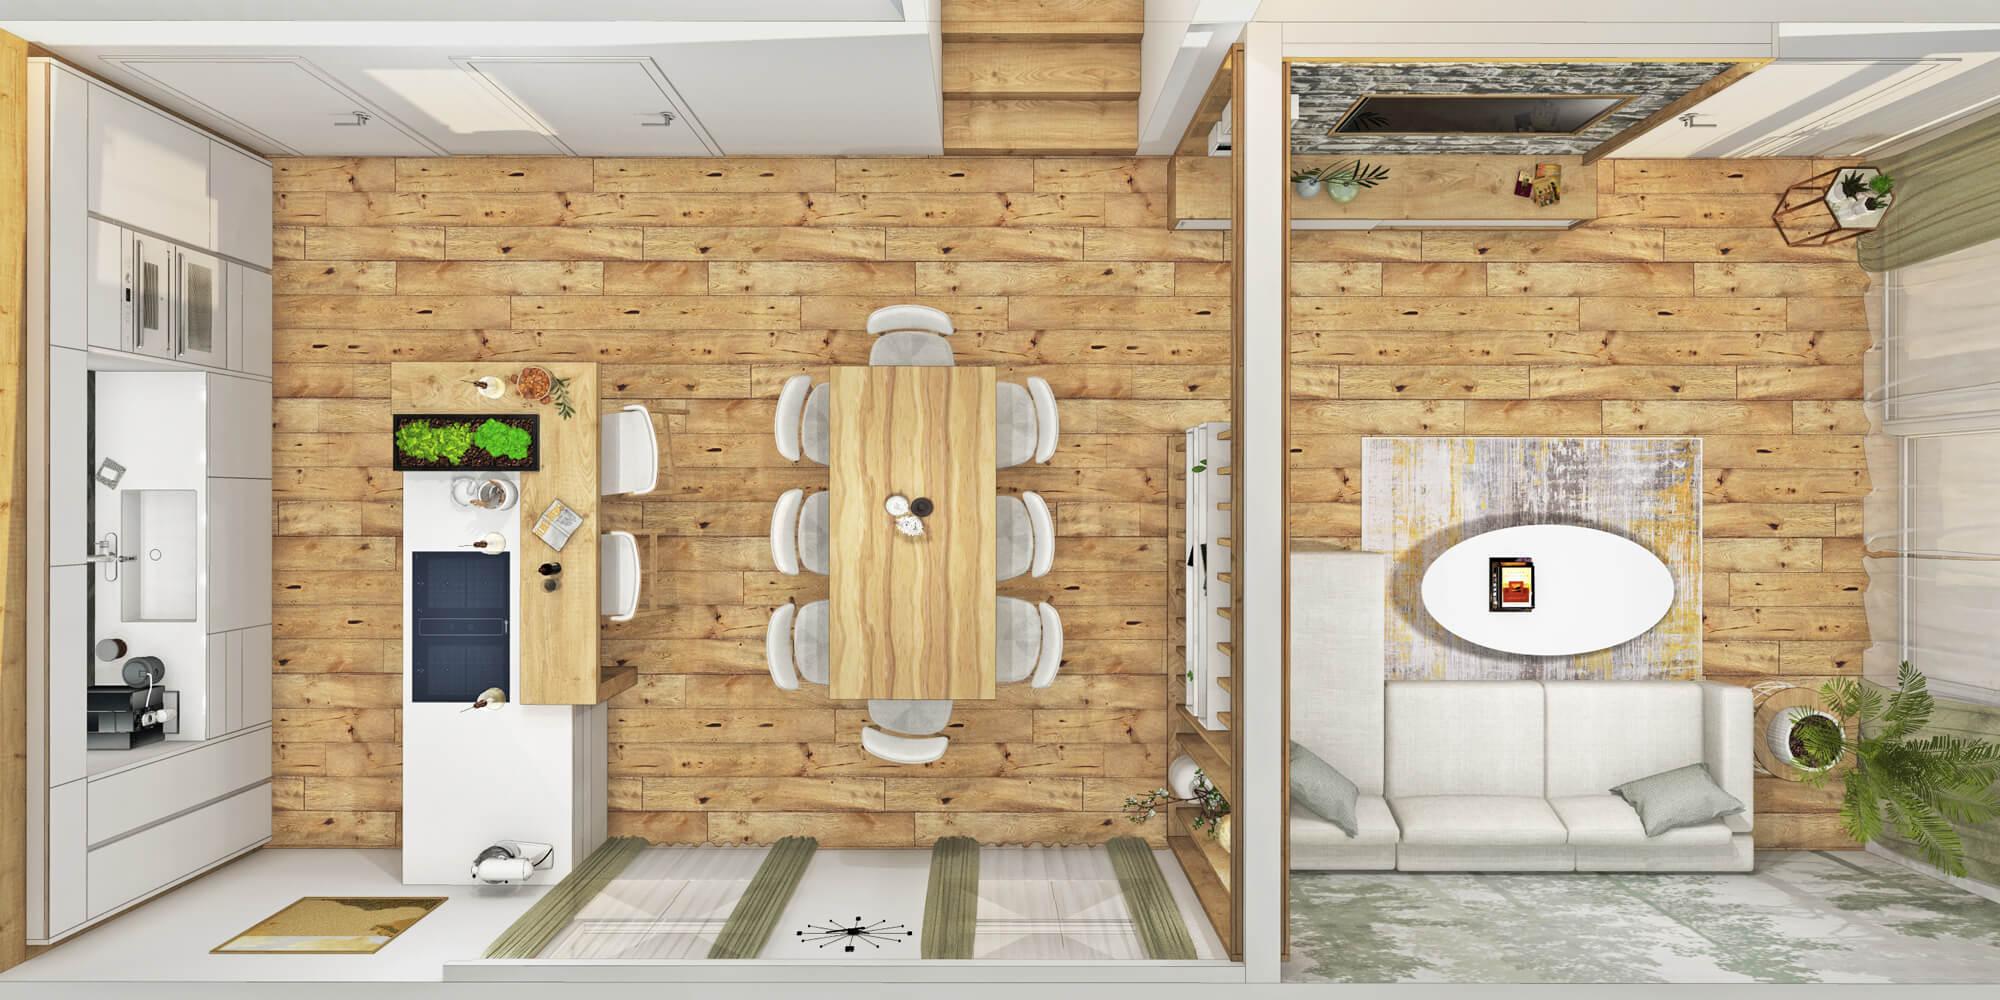 Cre-Plan-Design-Rauch-Frühmann-Architektur-Innenarchitektur-Design-Projekt-Referenz-Innenarchitektur-Möbeldesign-Einrichtung-Kochen-Essen-5